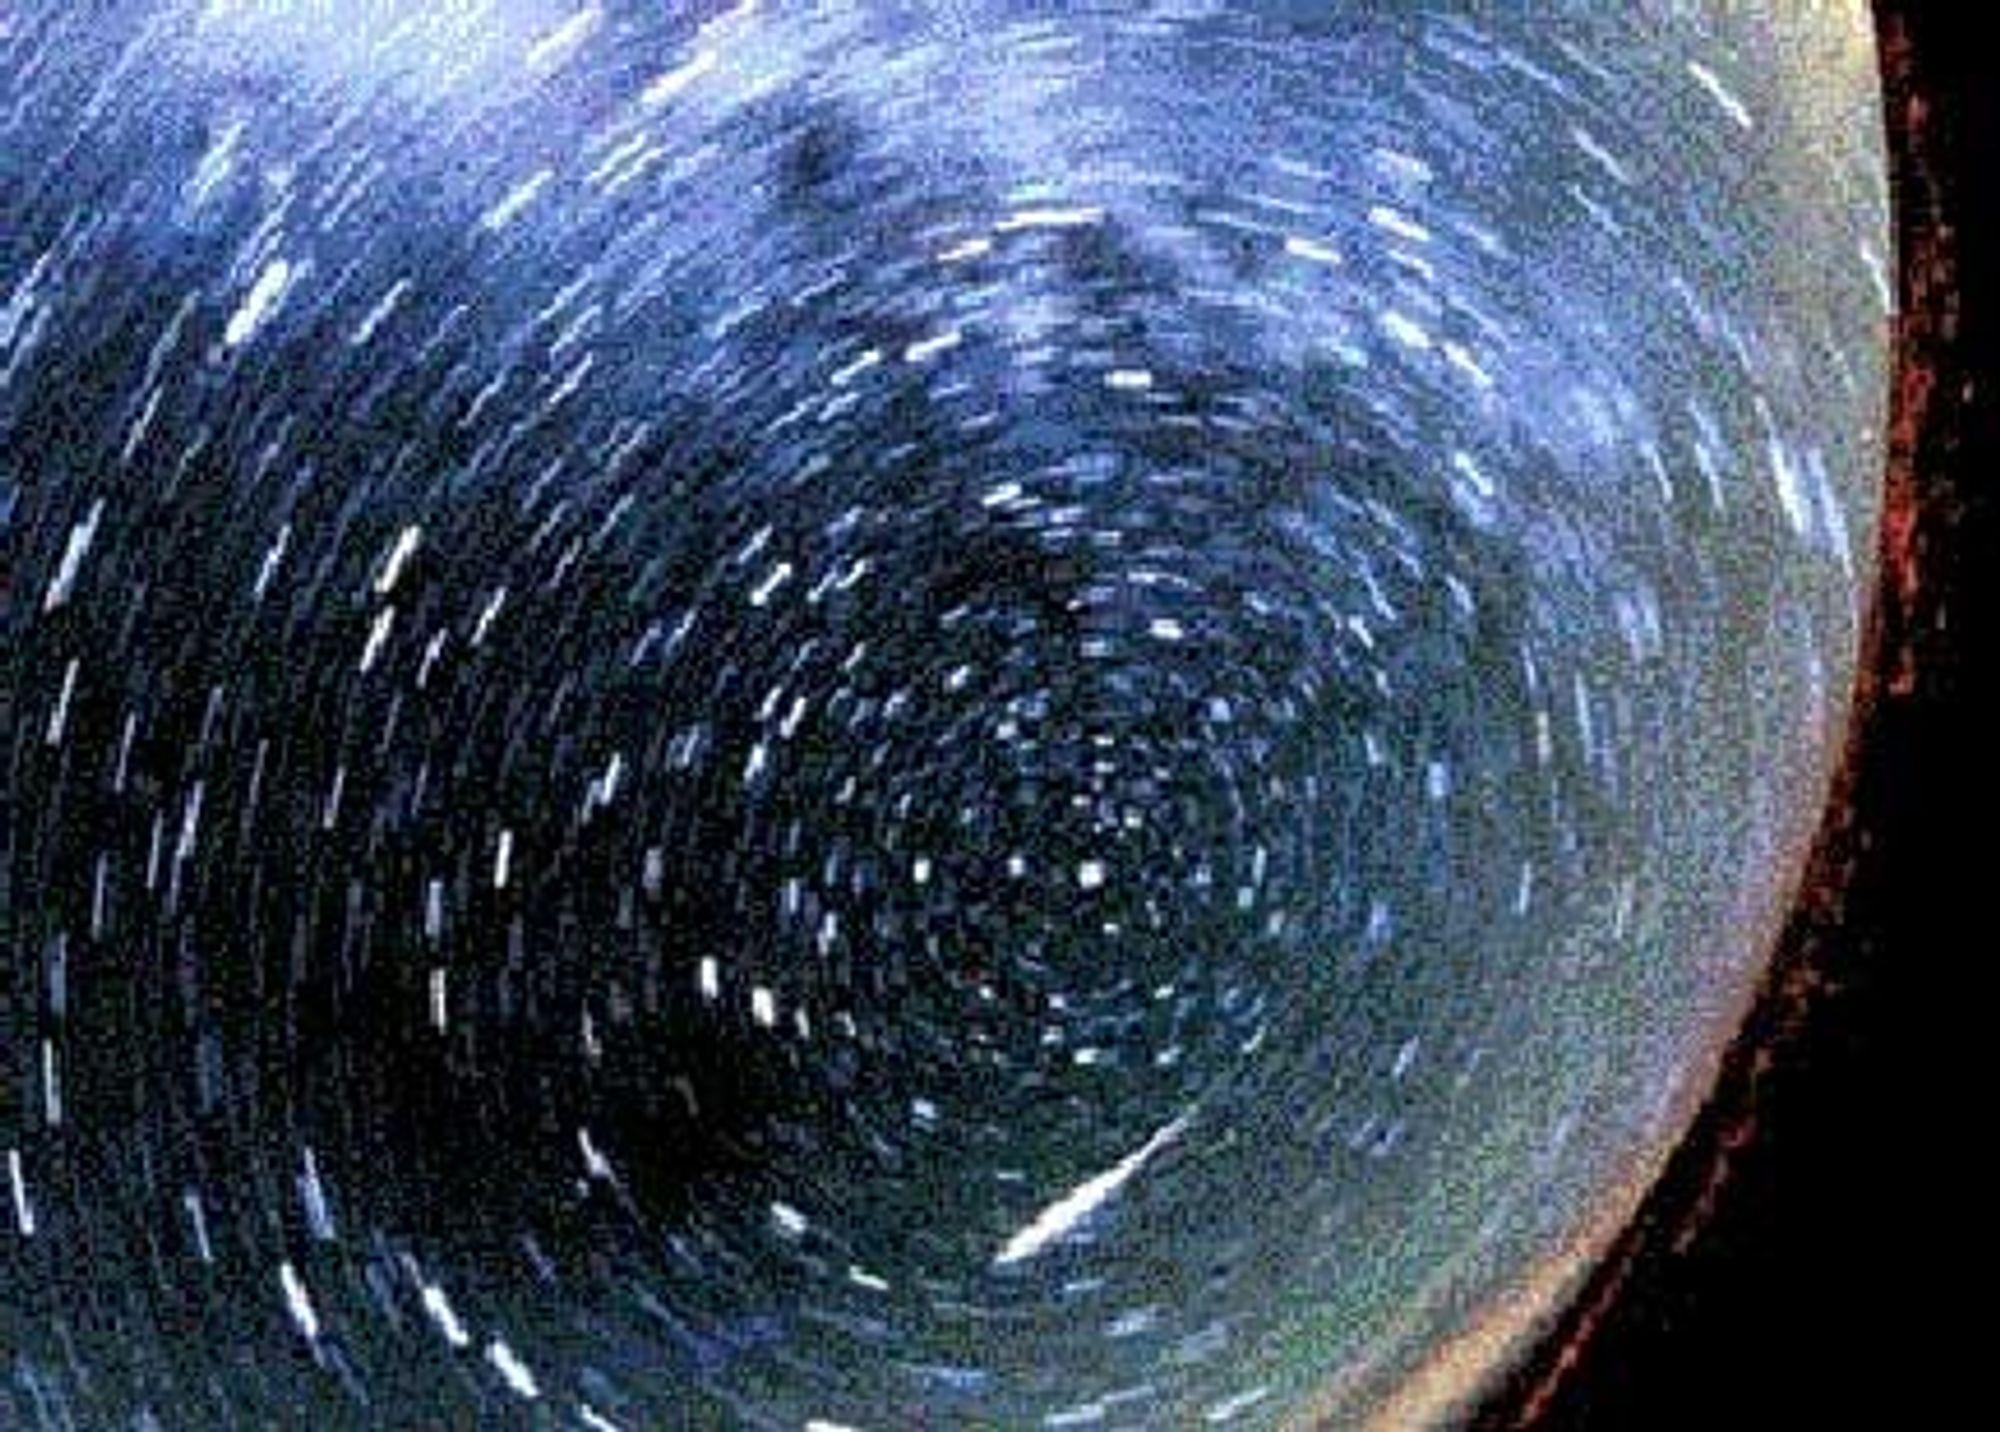 En slik meteordusj må du dessverre opp i verdensrommet for å beskue. Men det kan være interessant fra jorda også. Husk kamera med lang lukkertid.